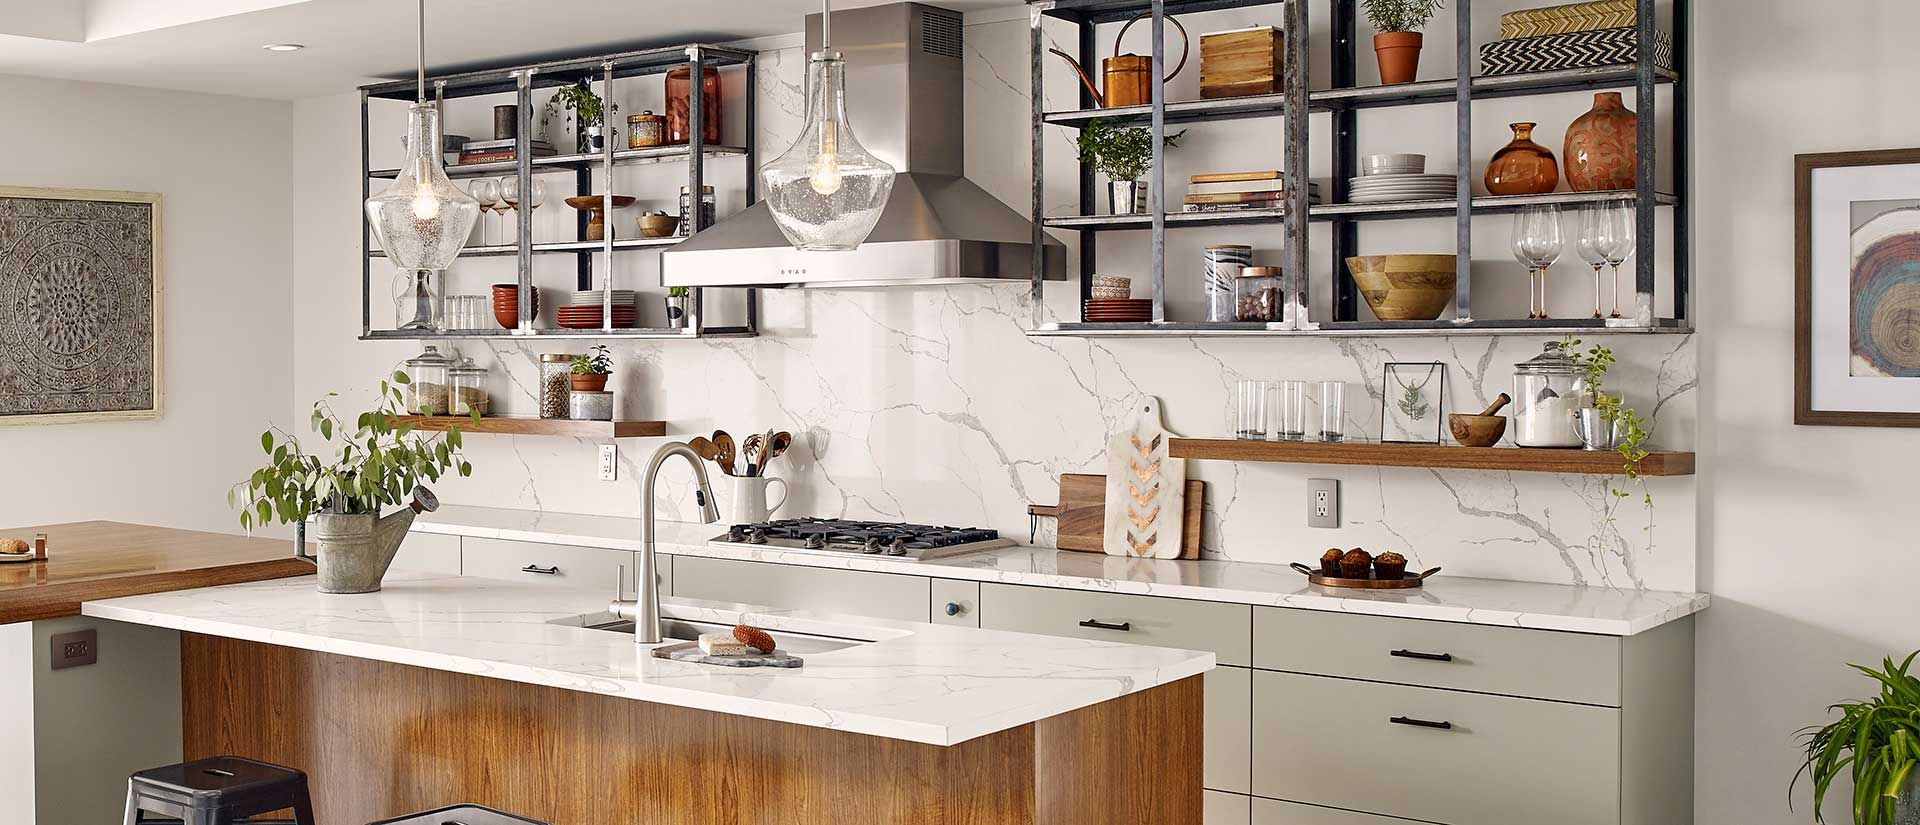 Best Calacatta Laza Quartz Countertops Q Premium Natural 400 x 300